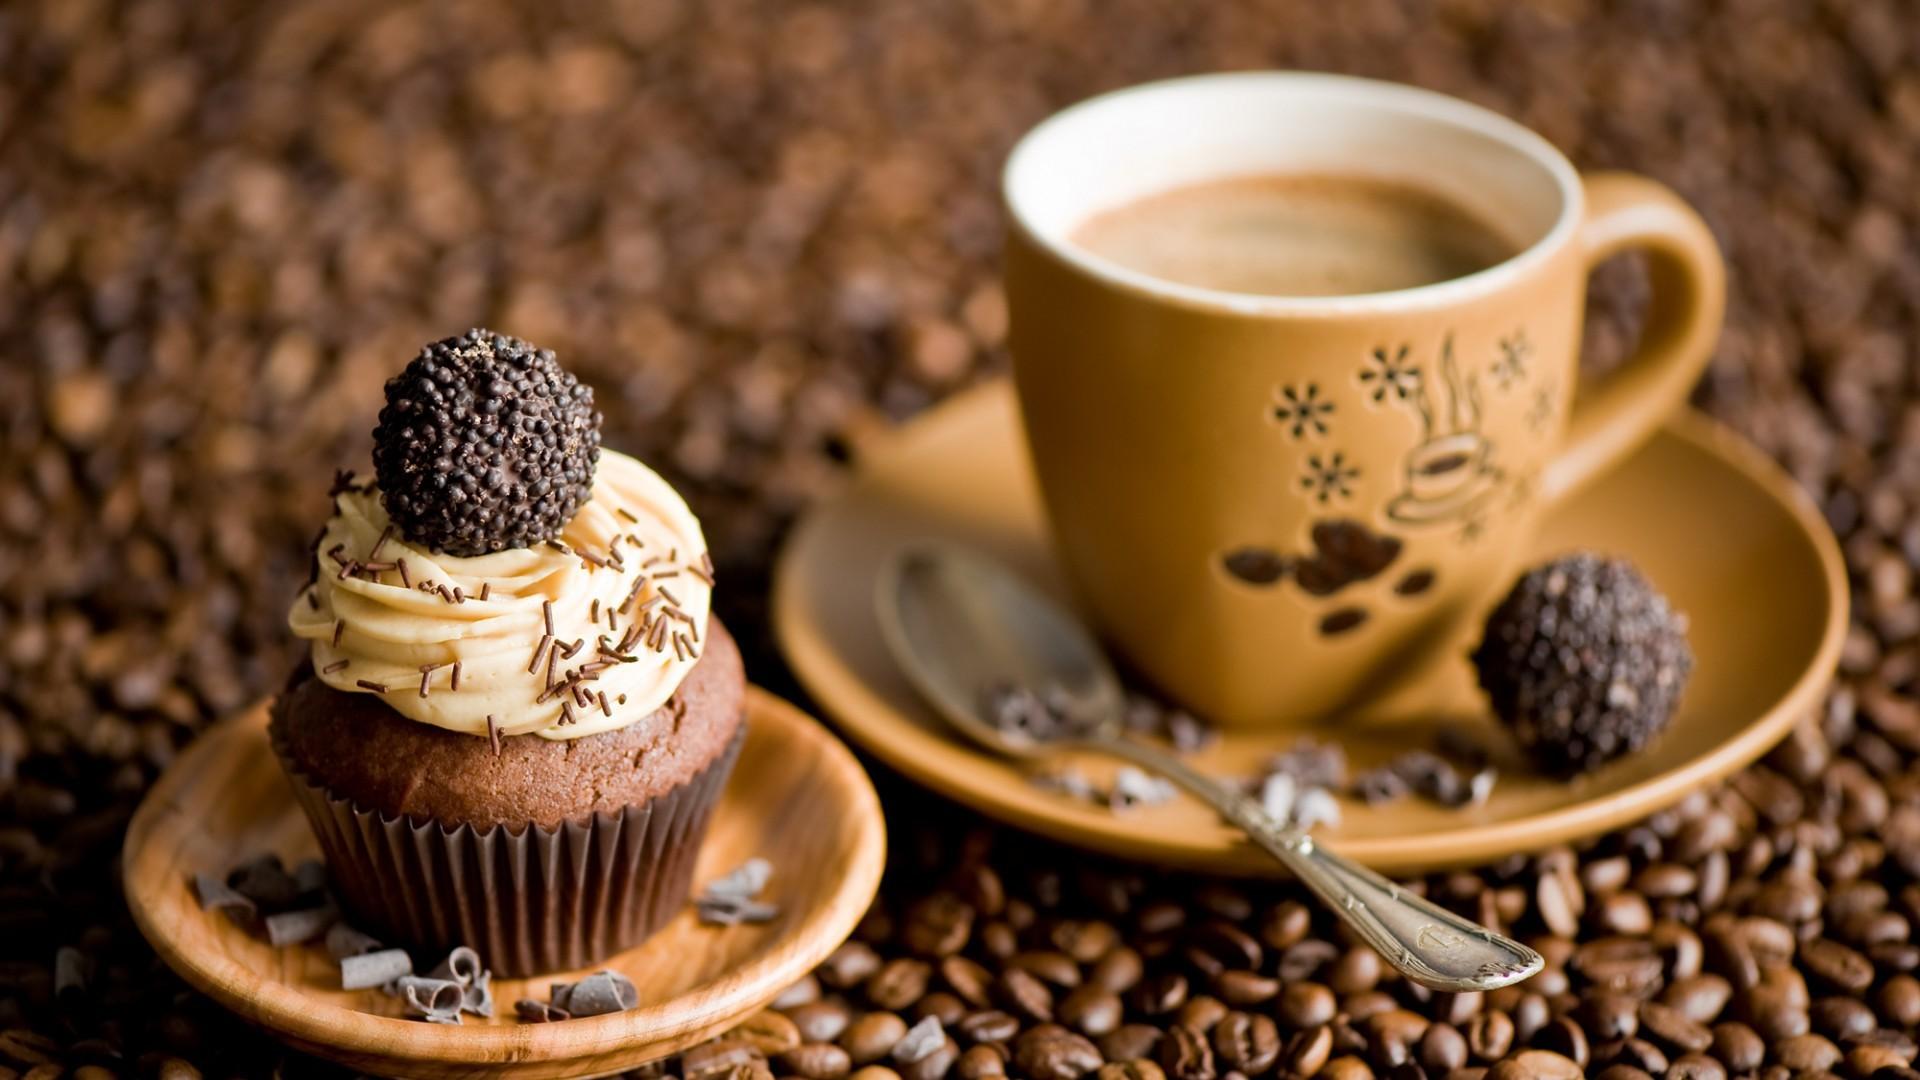 Специалисты: Умеренное употребление кофе невредит организму человека